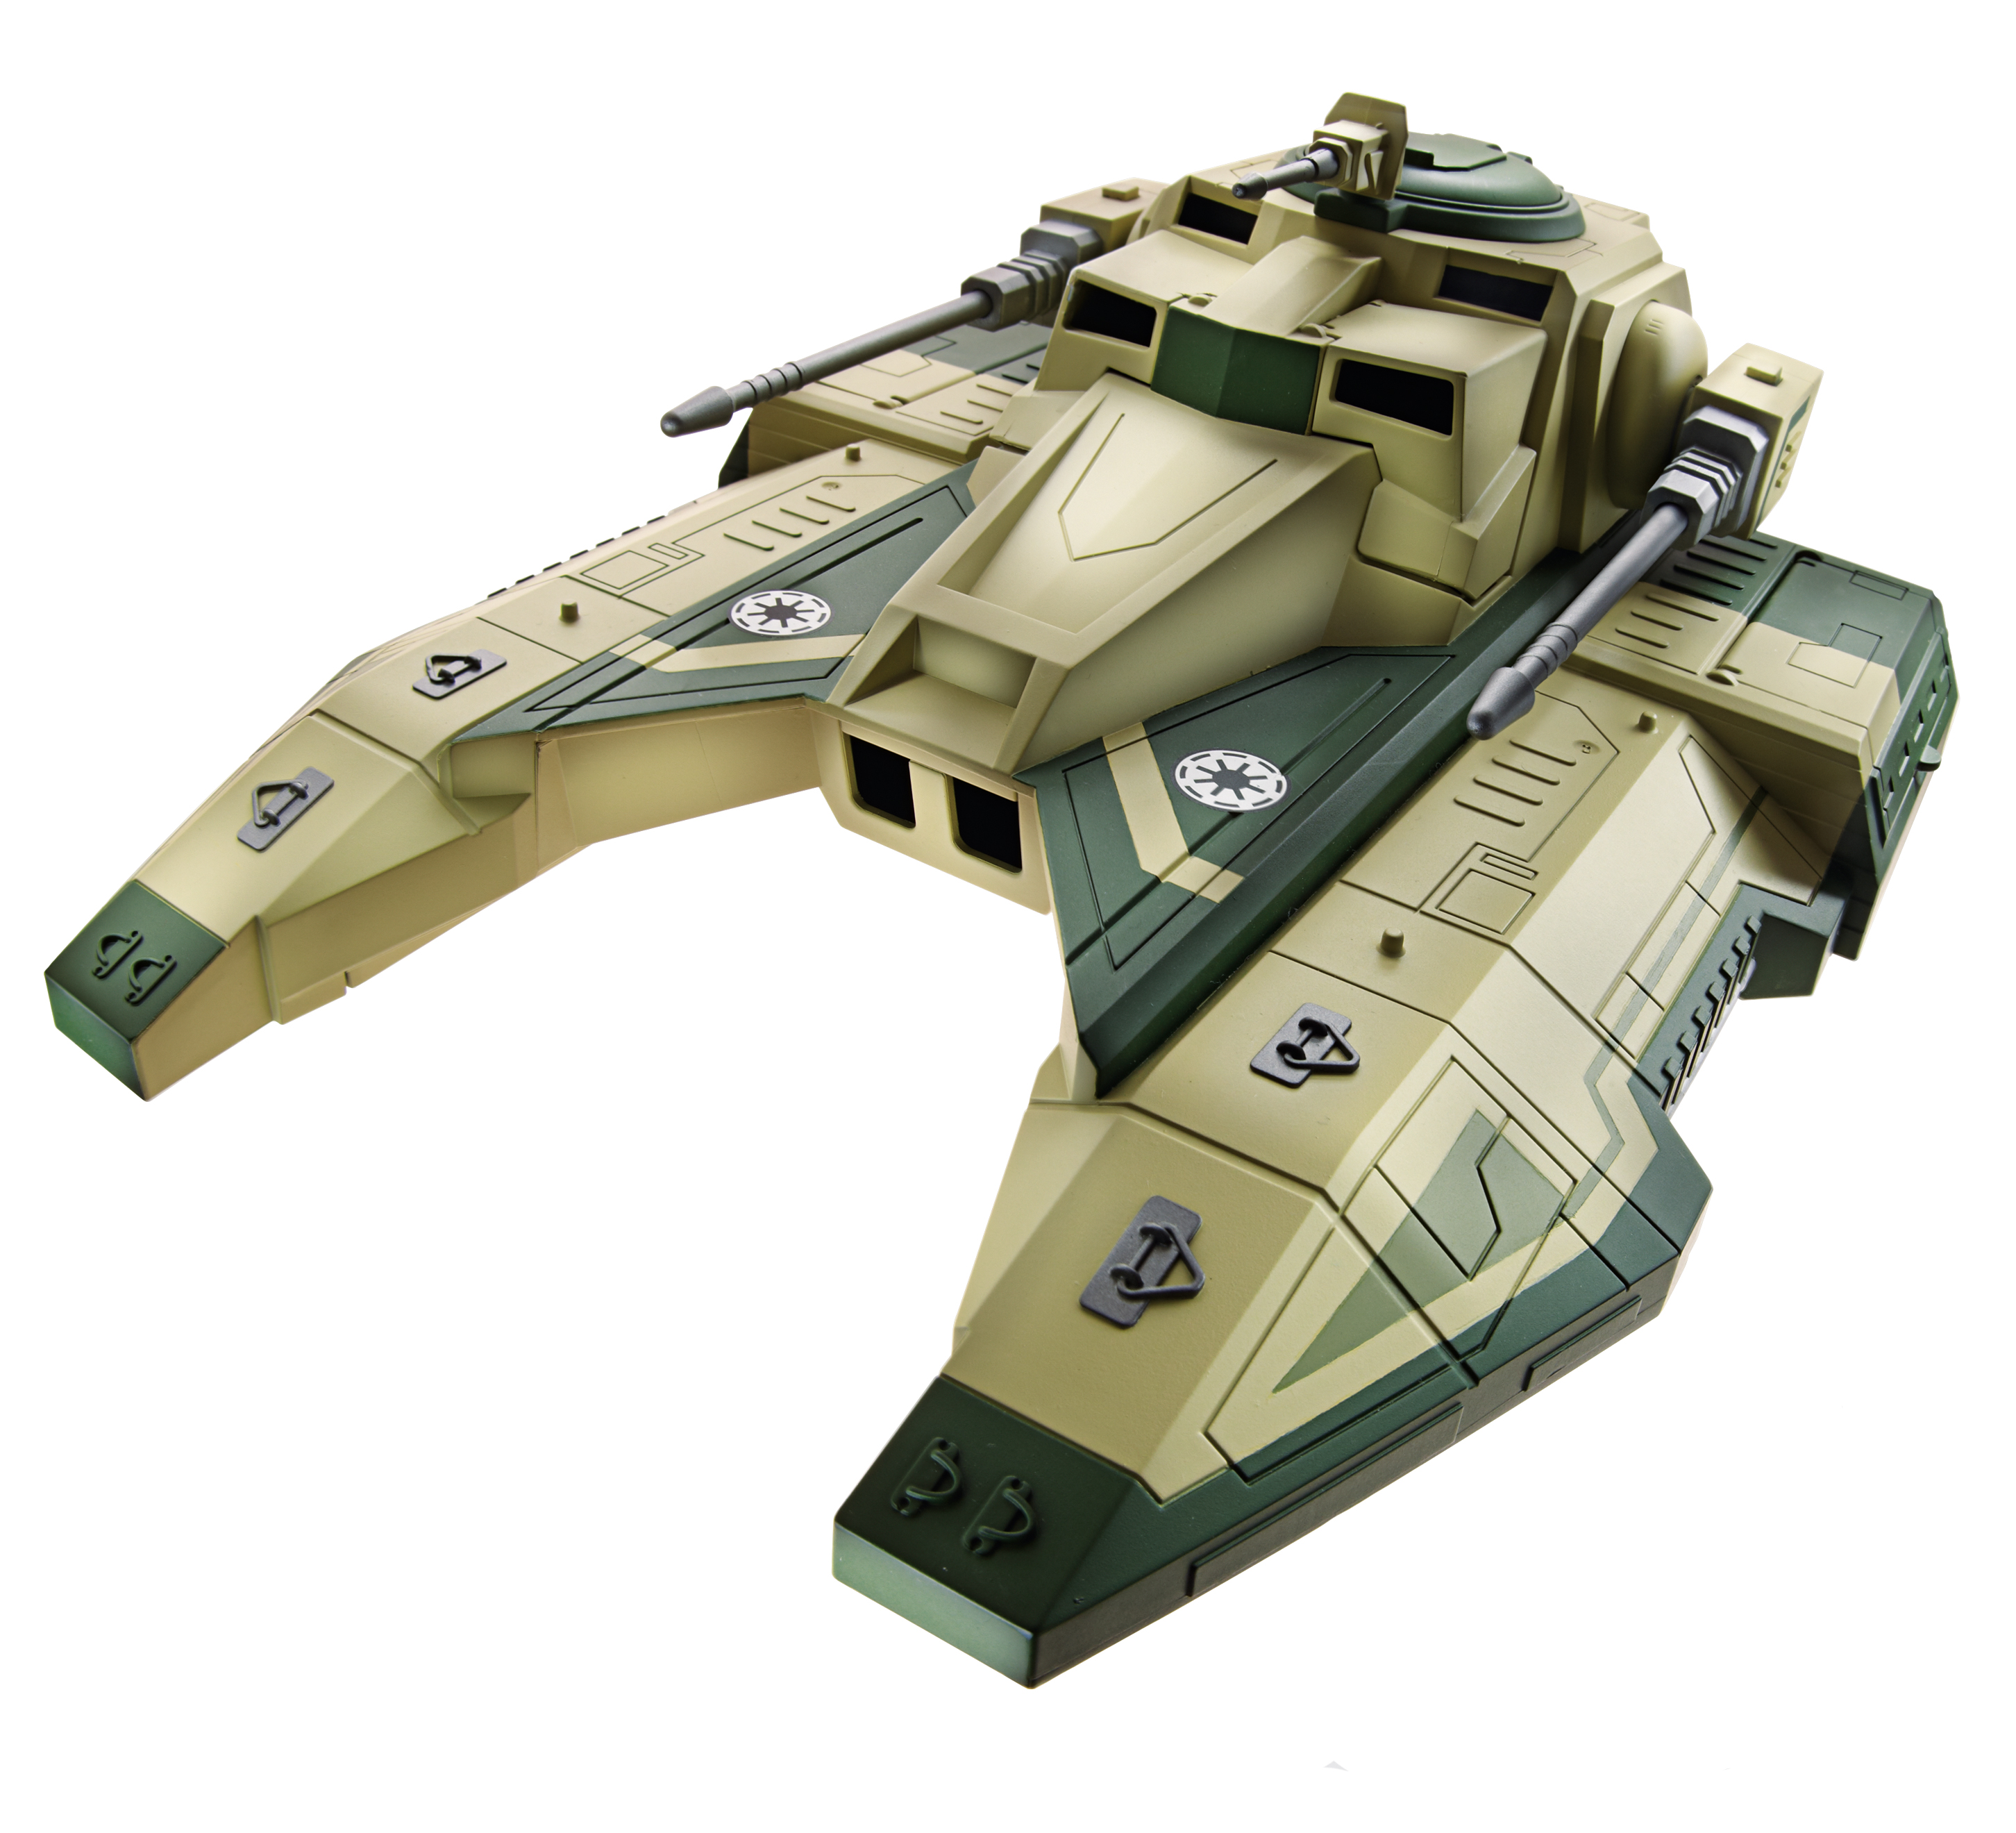 STAR WARS Cls II Attk Veh Republic Tank 37637.jpg